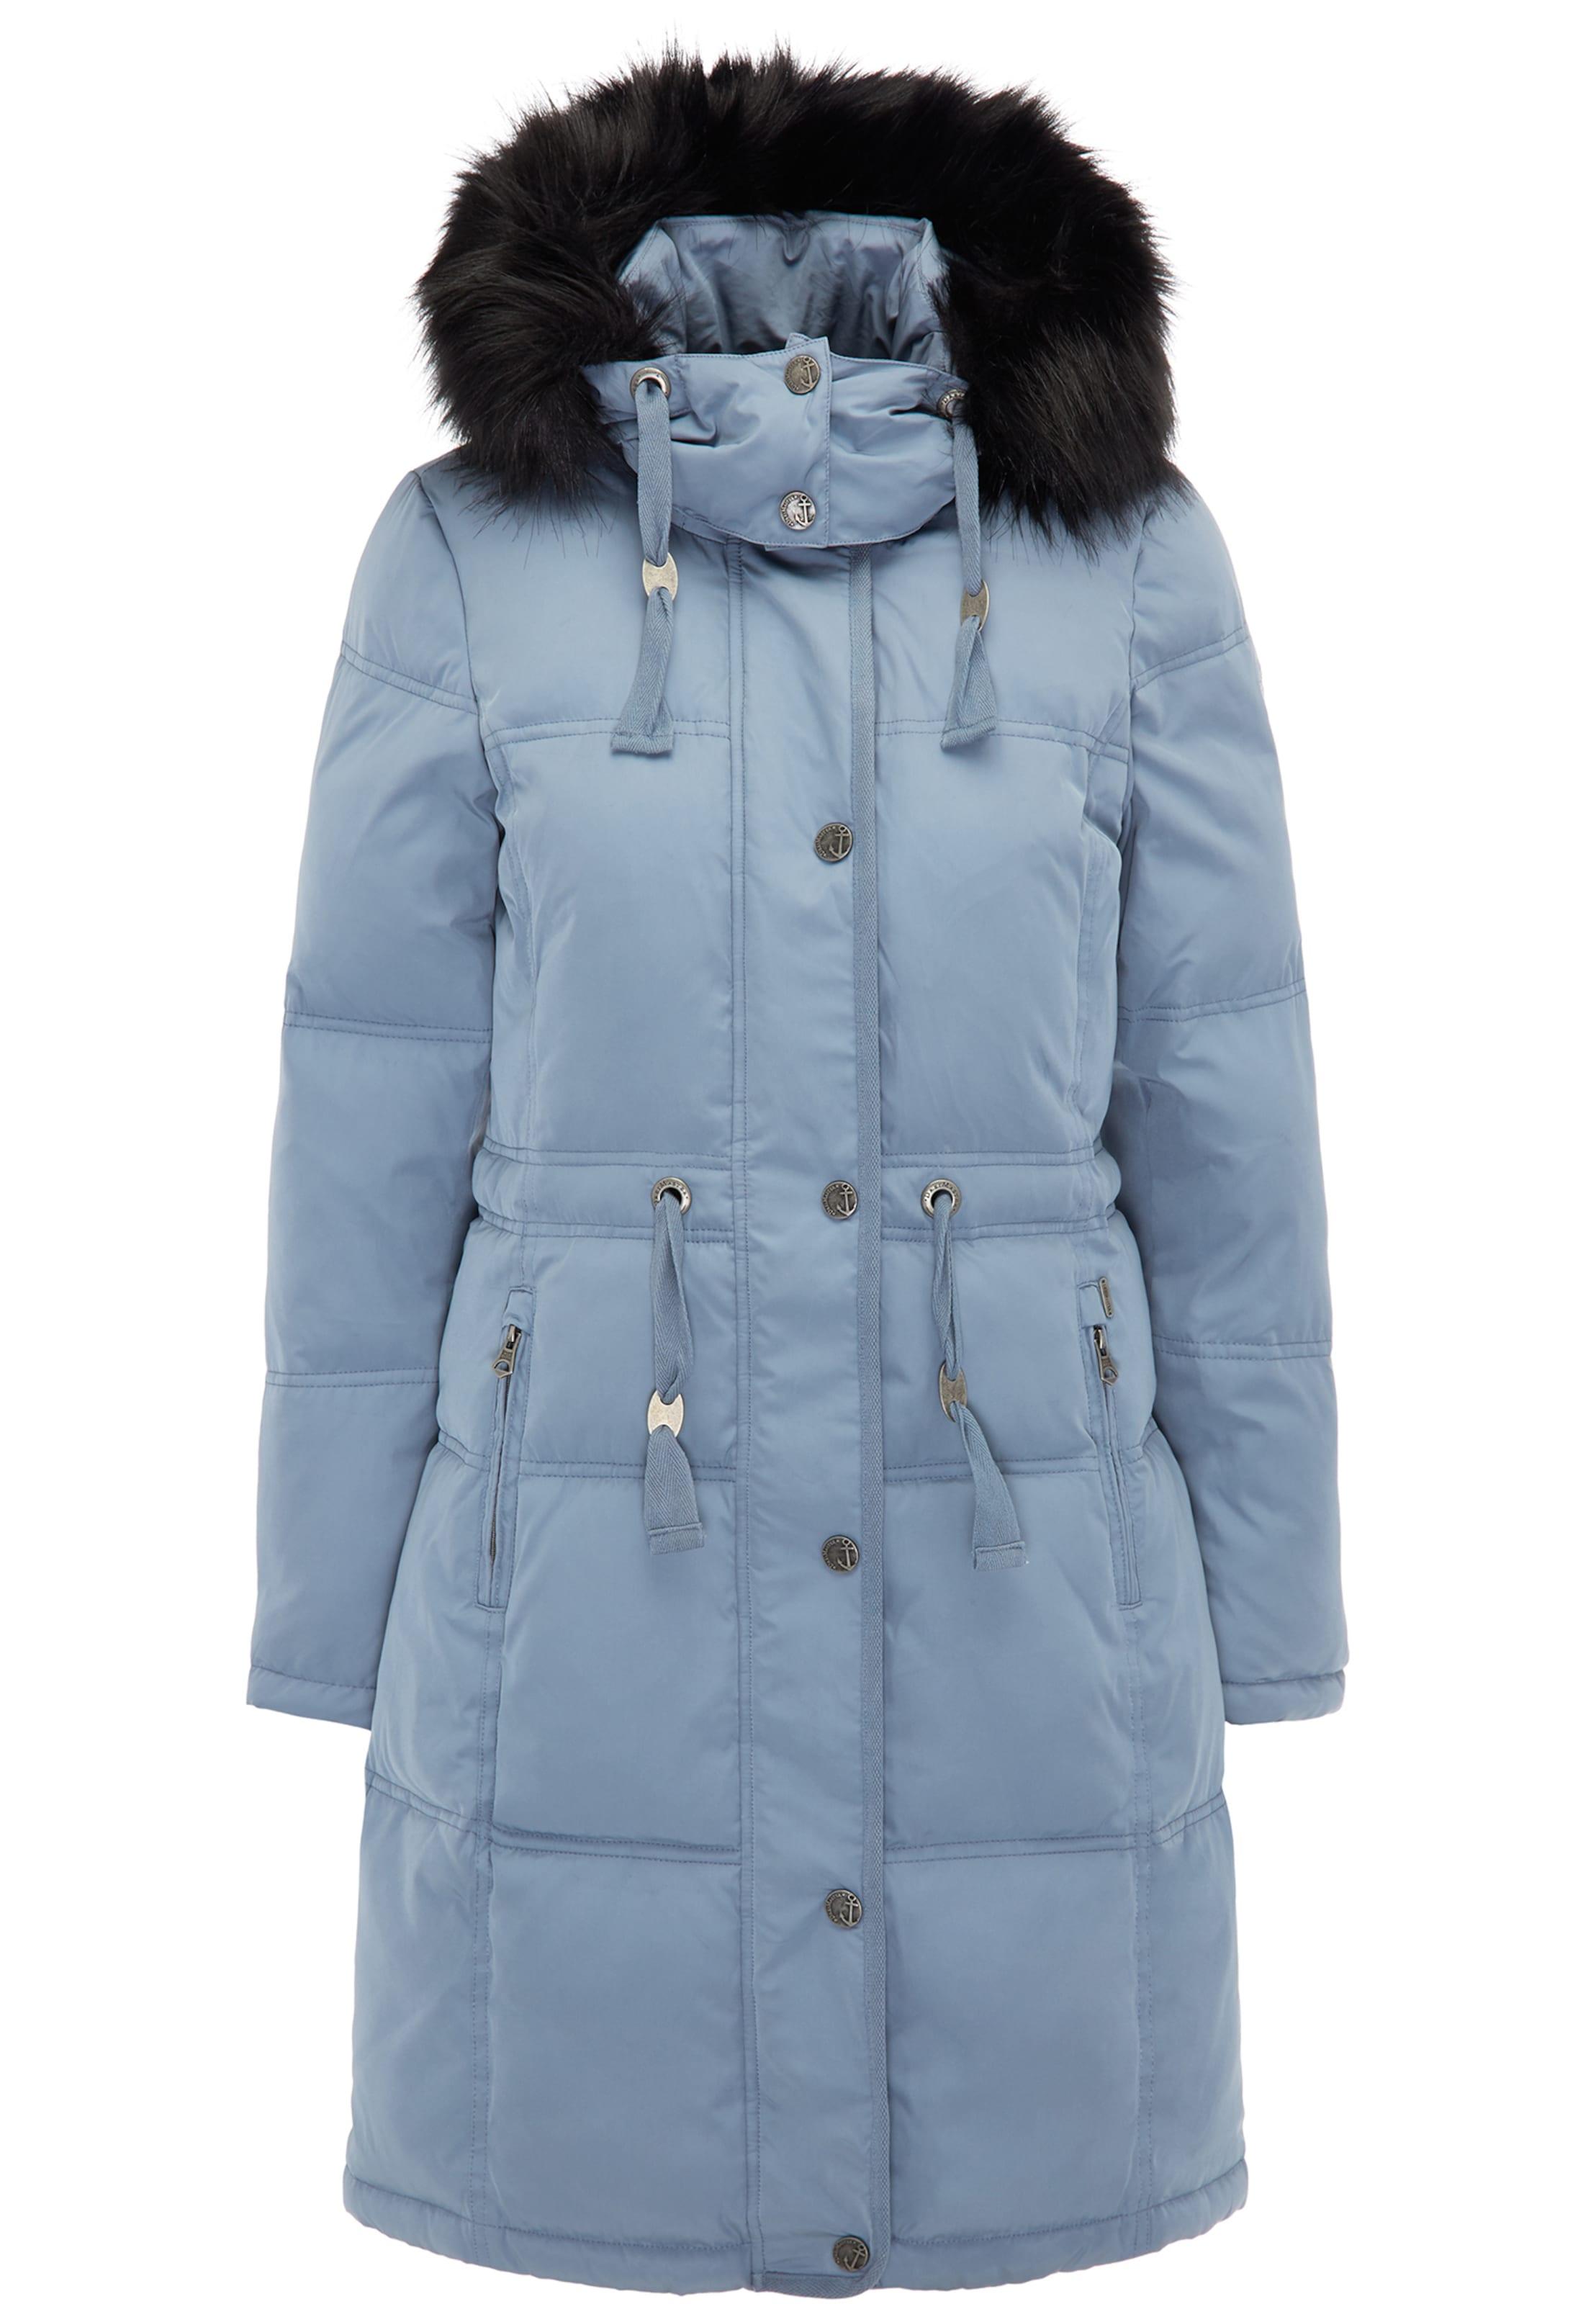 En Bleu Dreimaster D'hiver Manteau Fumé CQrthsd